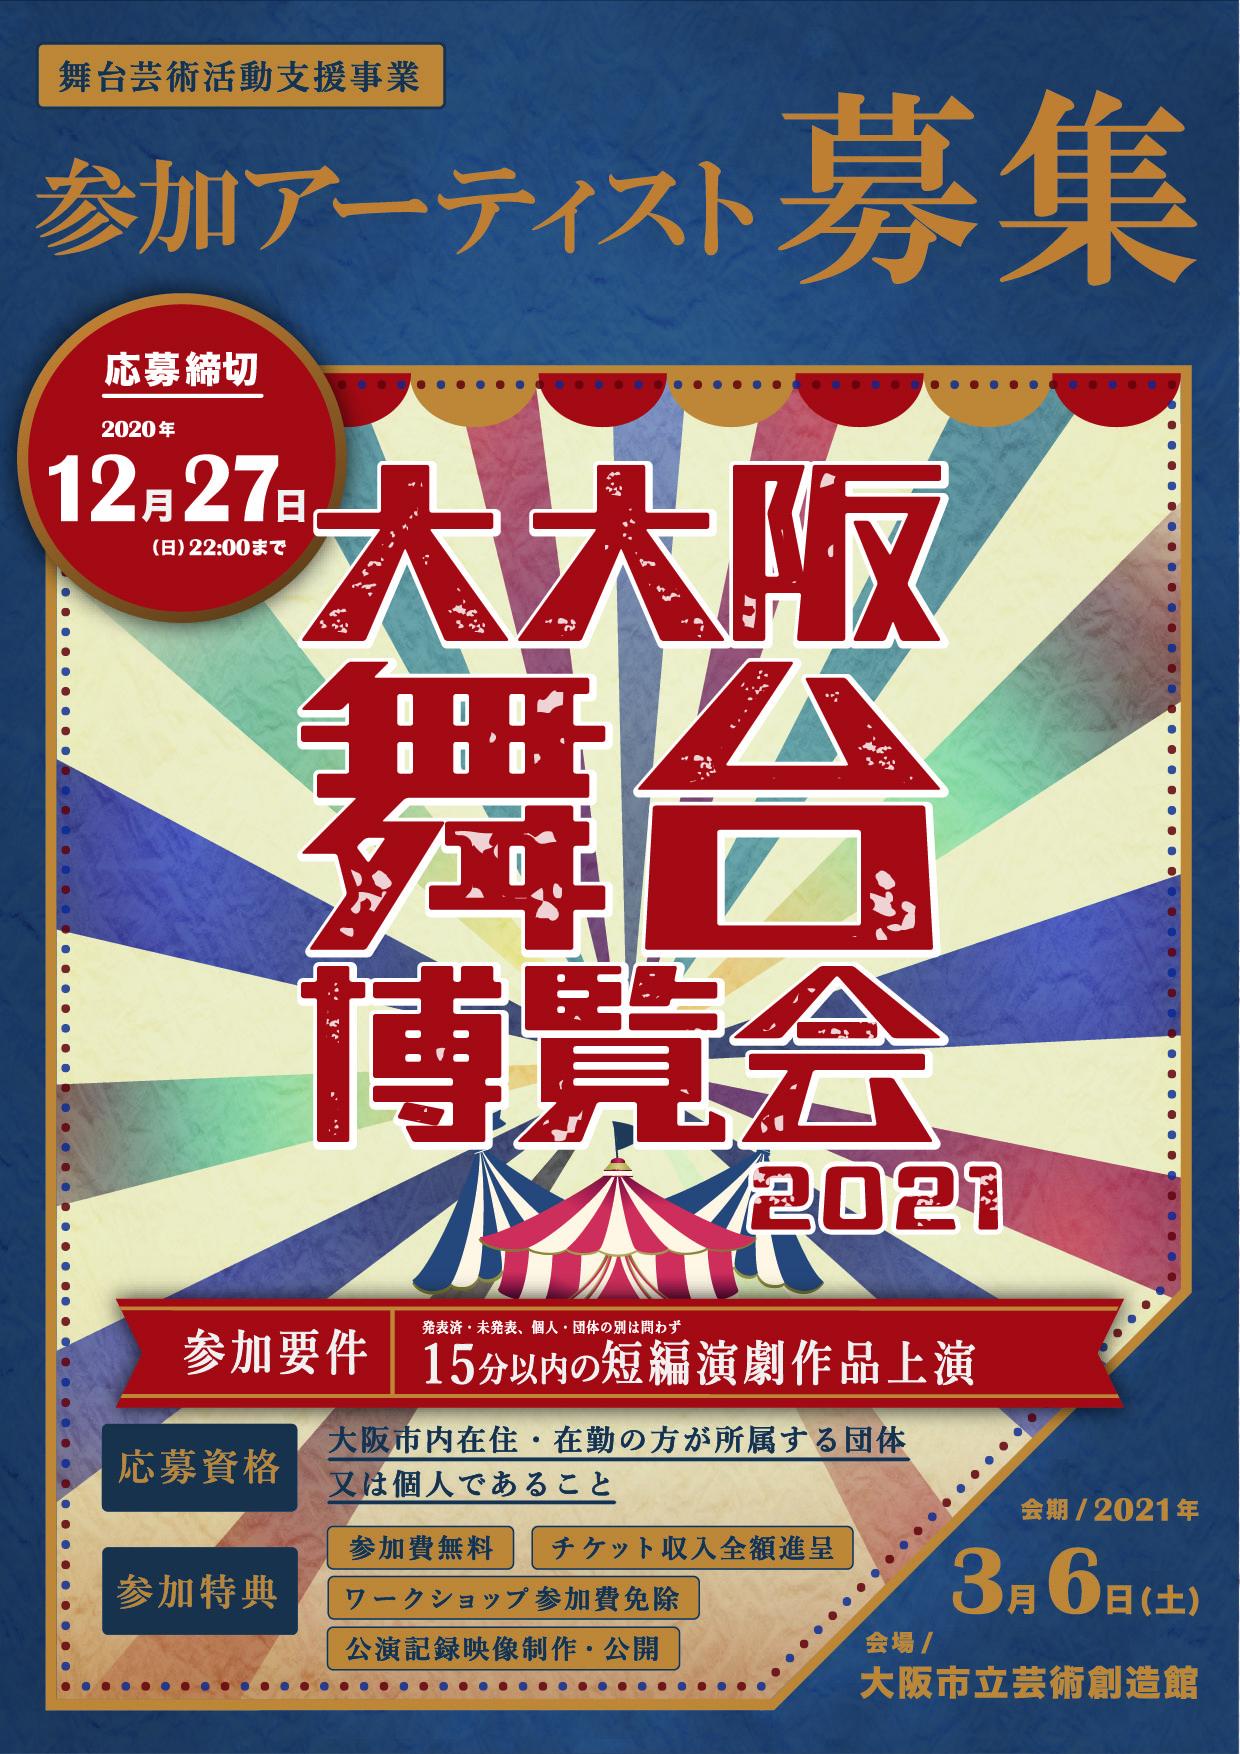 大大阪舞台博覧会2021